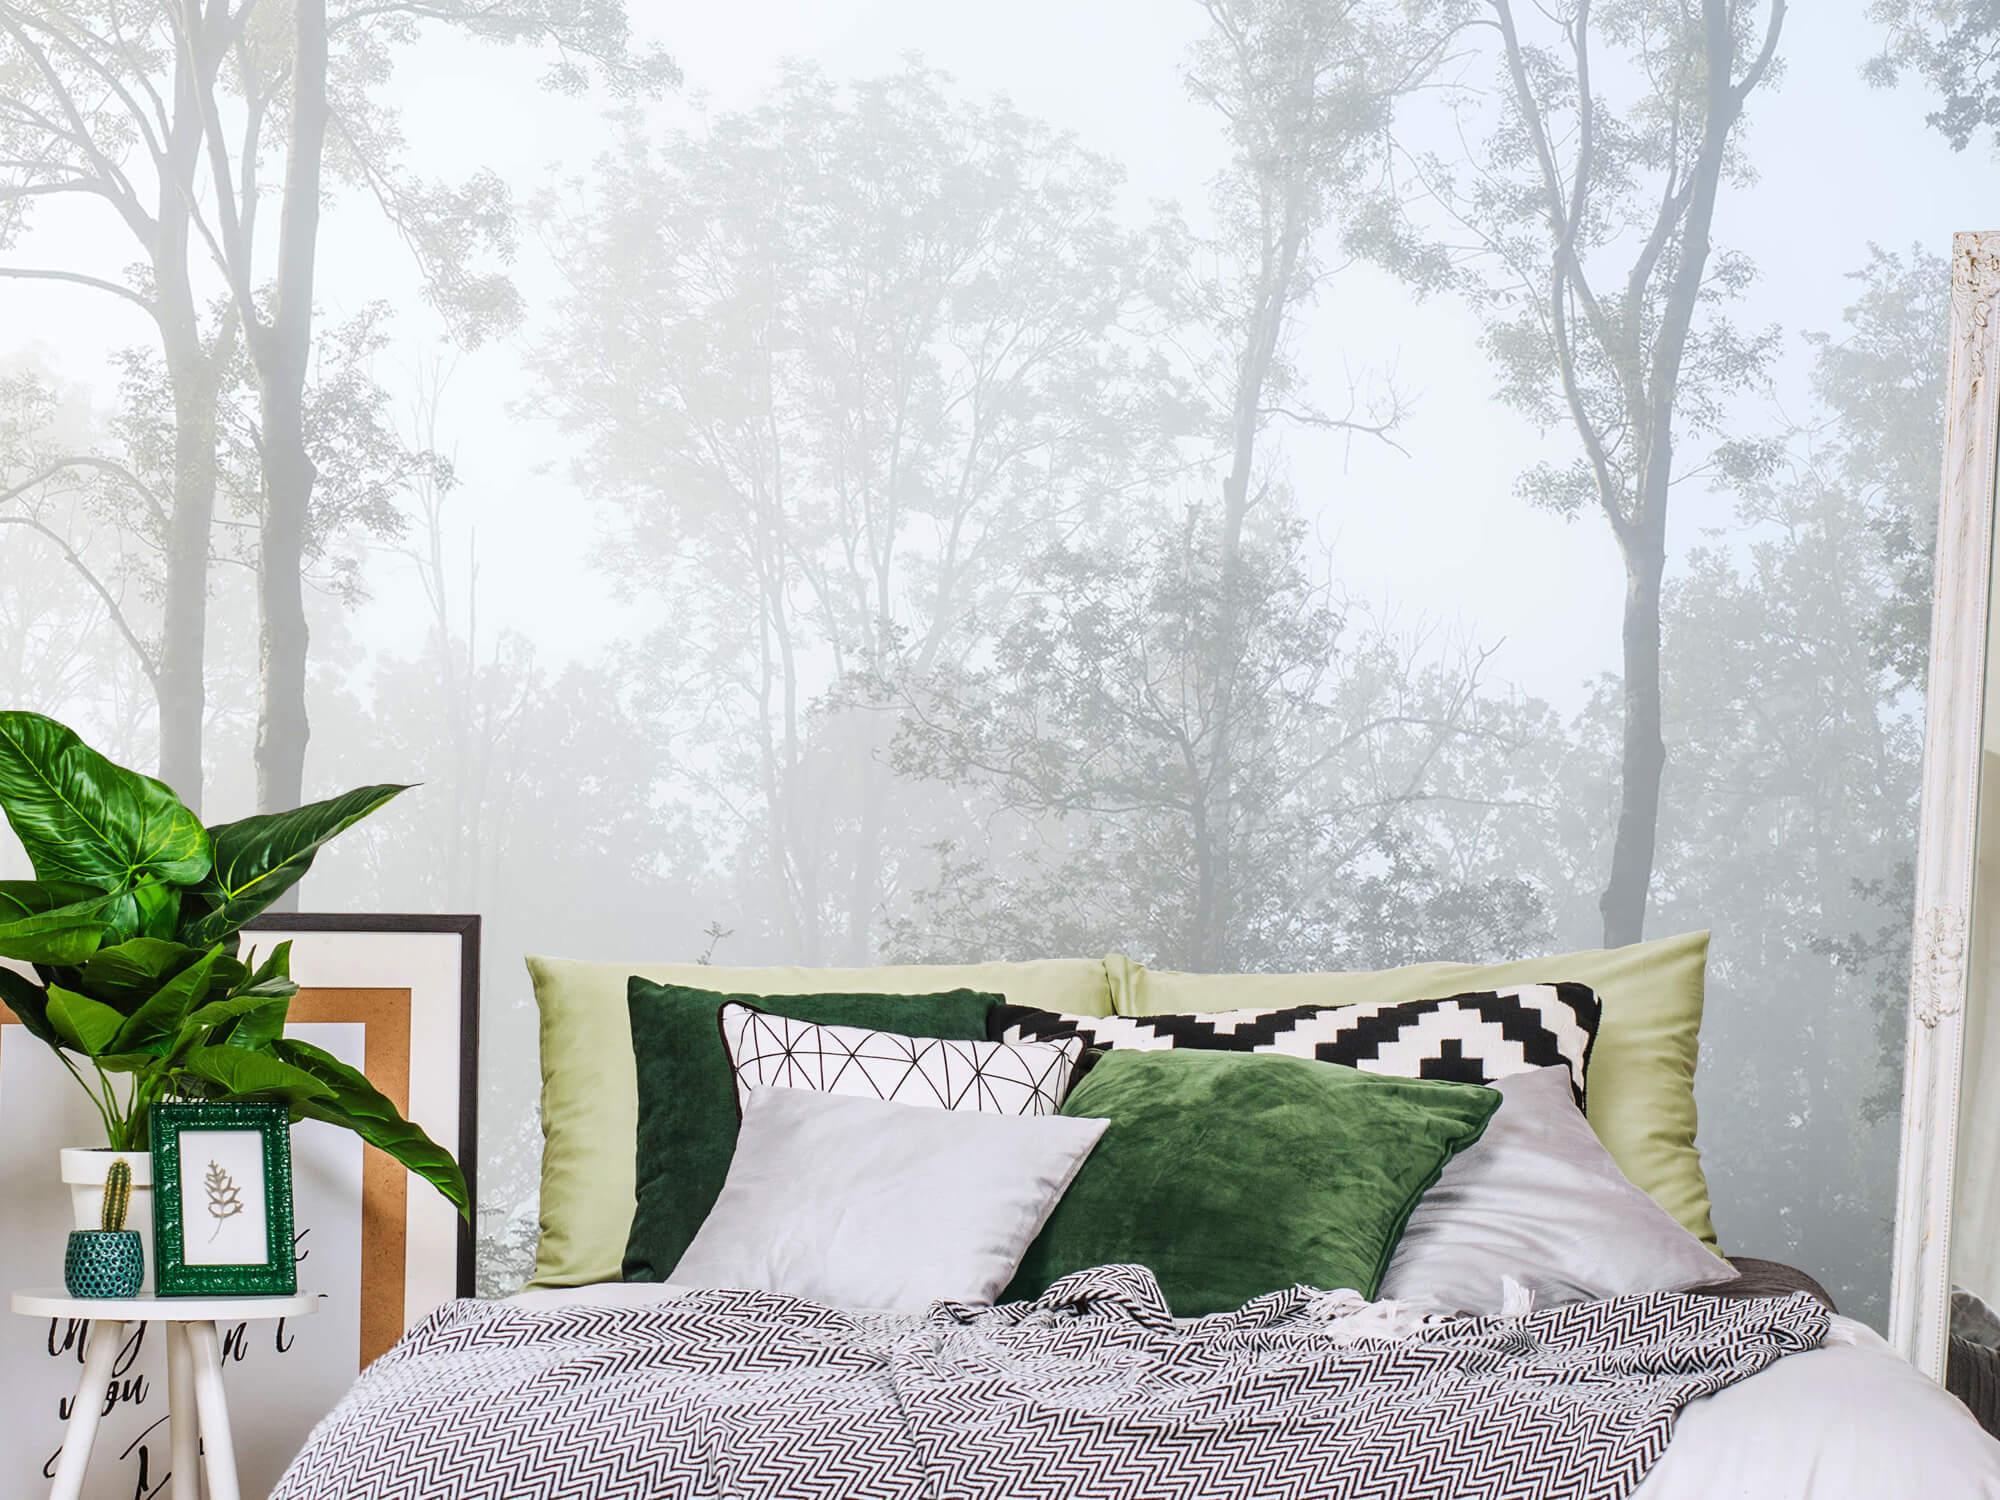 Bos behang Dichte mist in het bos 12